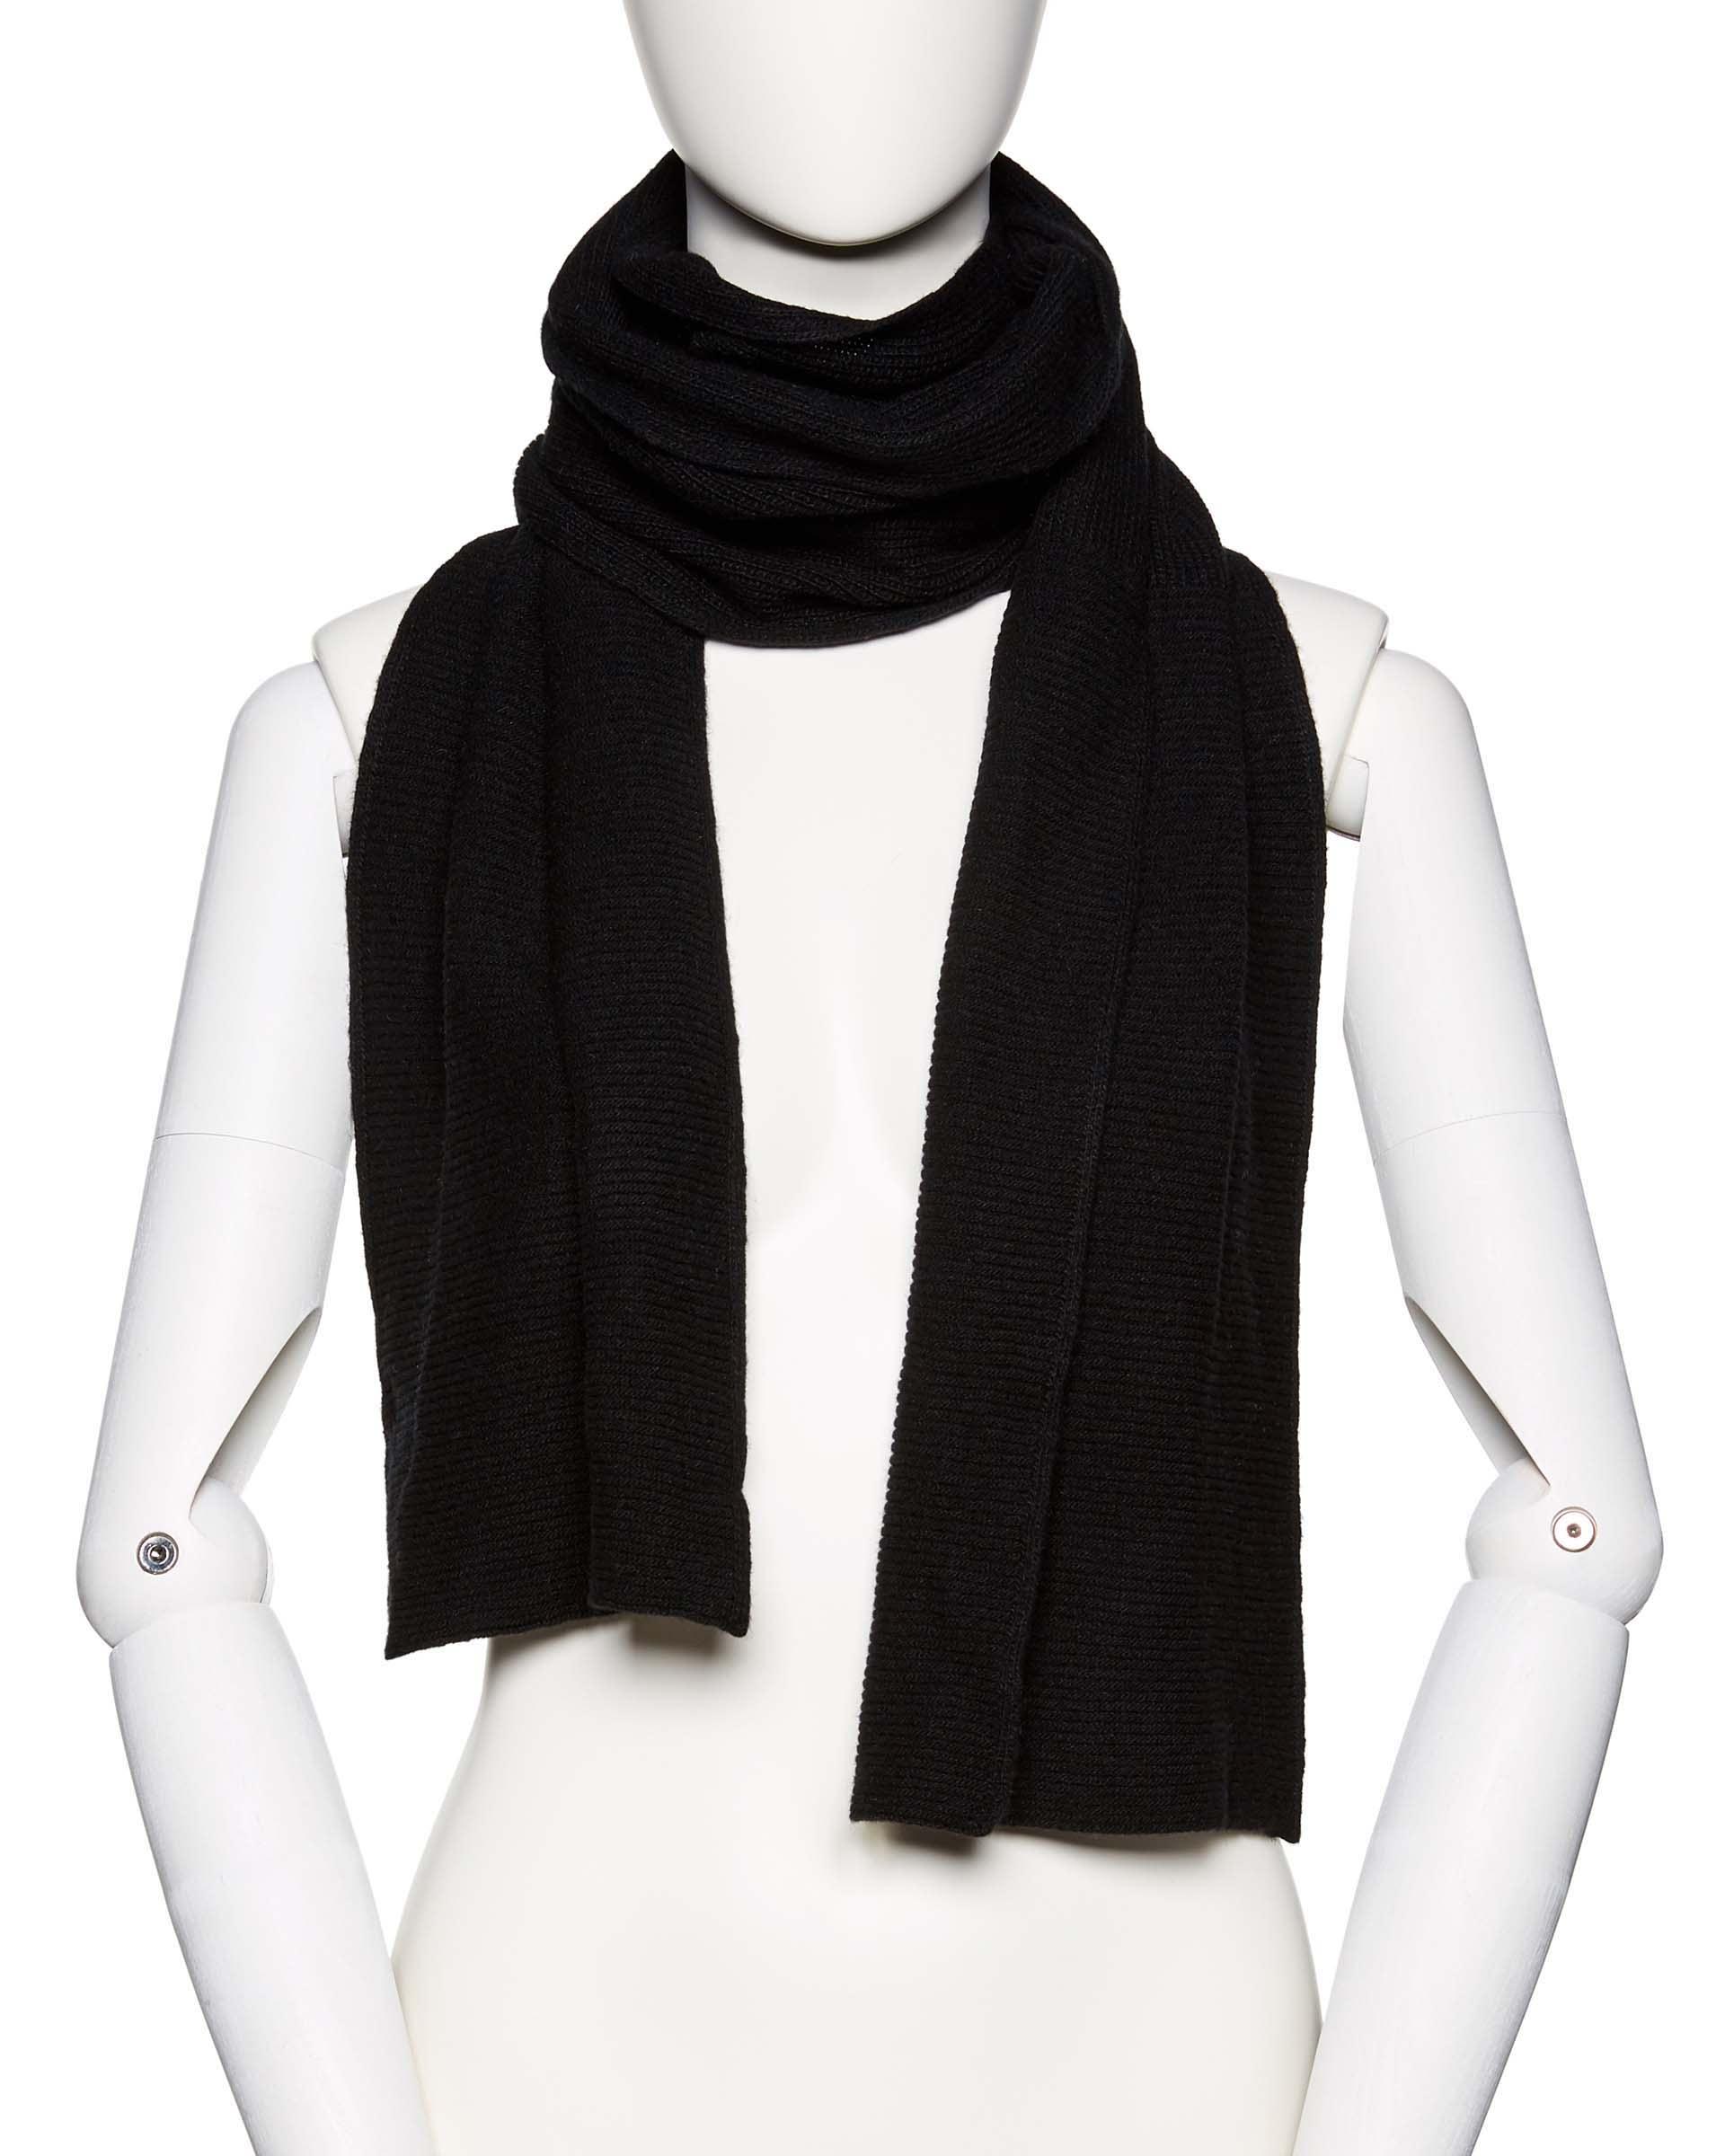 ШарфПлатки и Шарфы<br>Вязаный шарф из полушерстяной пряжи. Фактура в рубчик, универсальный размер. Размеры: 190*27 см.<br>Цвет: Черный; Размер: OS;